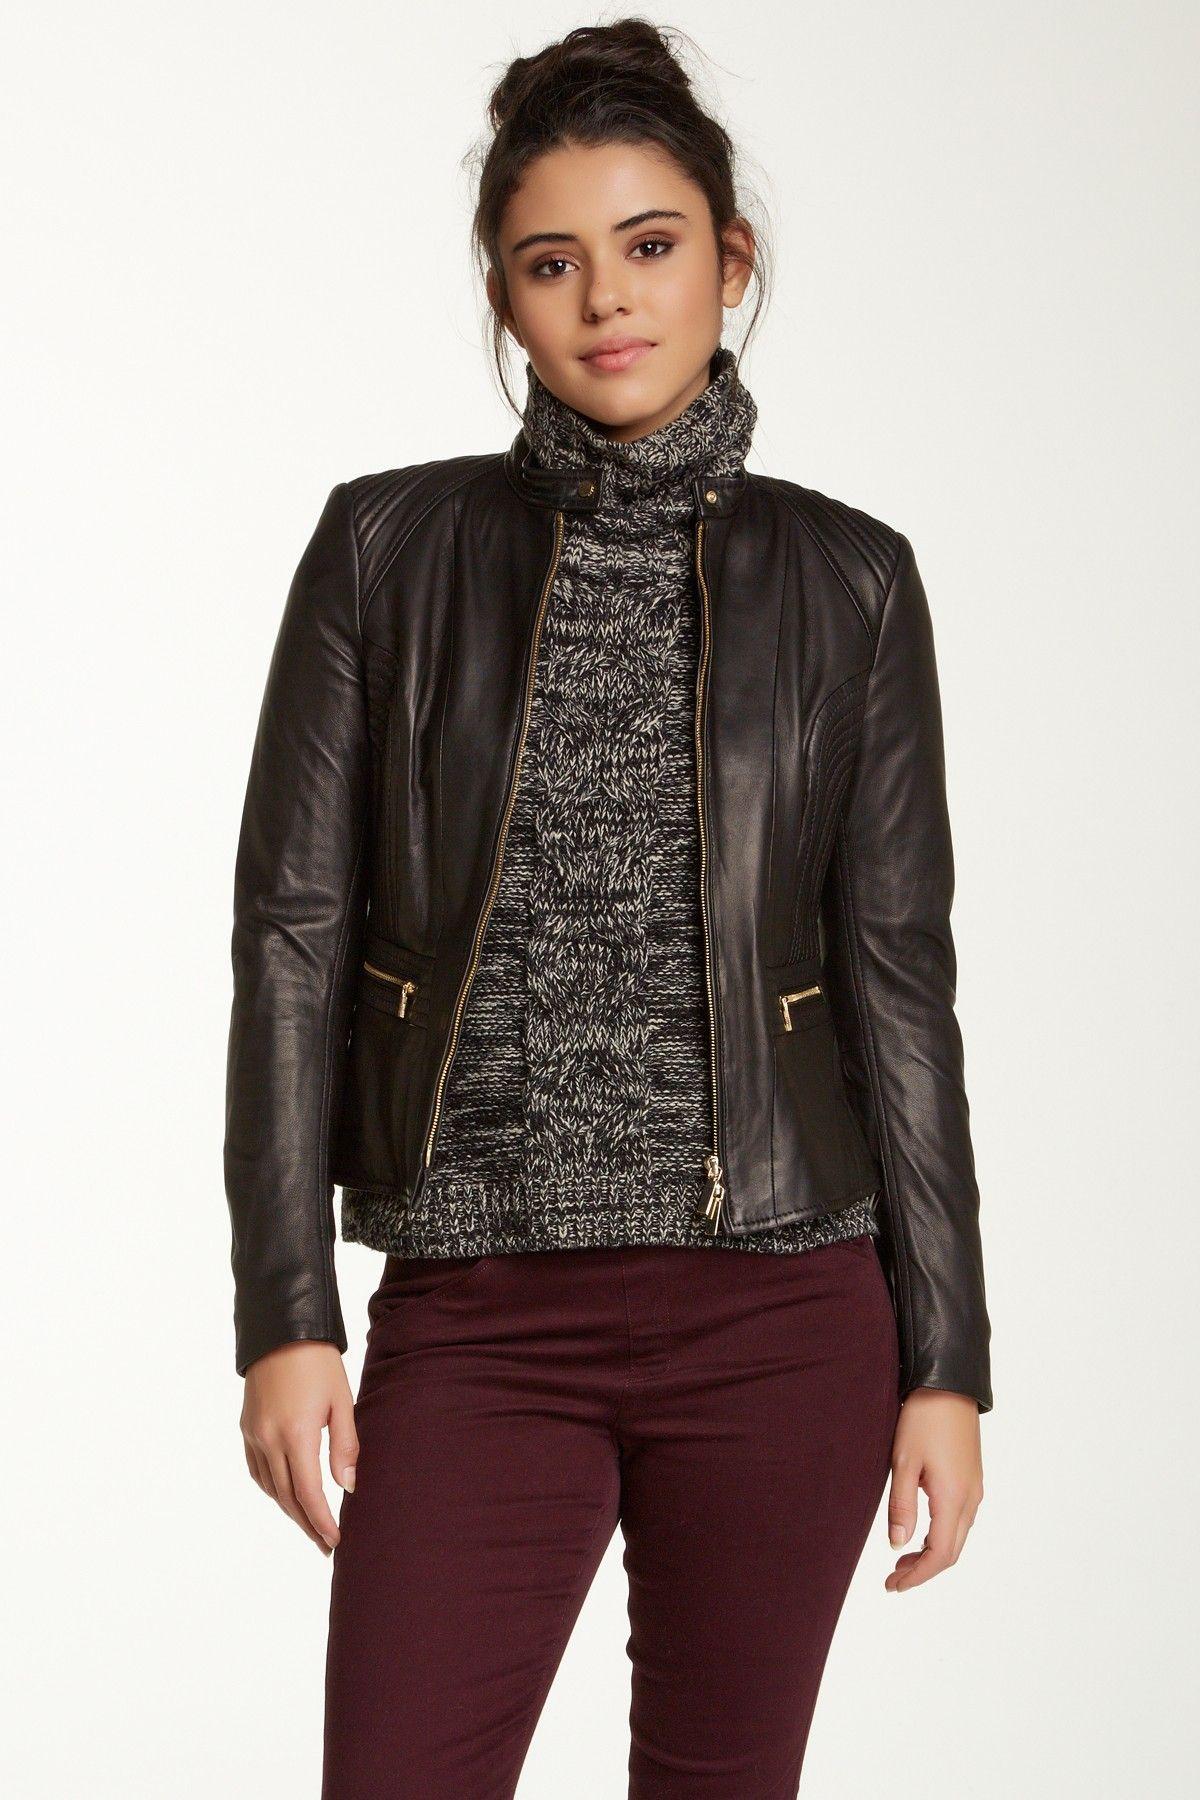 HUGO BOSS ORANGE 'Janassila2' Leather Jacket Leather